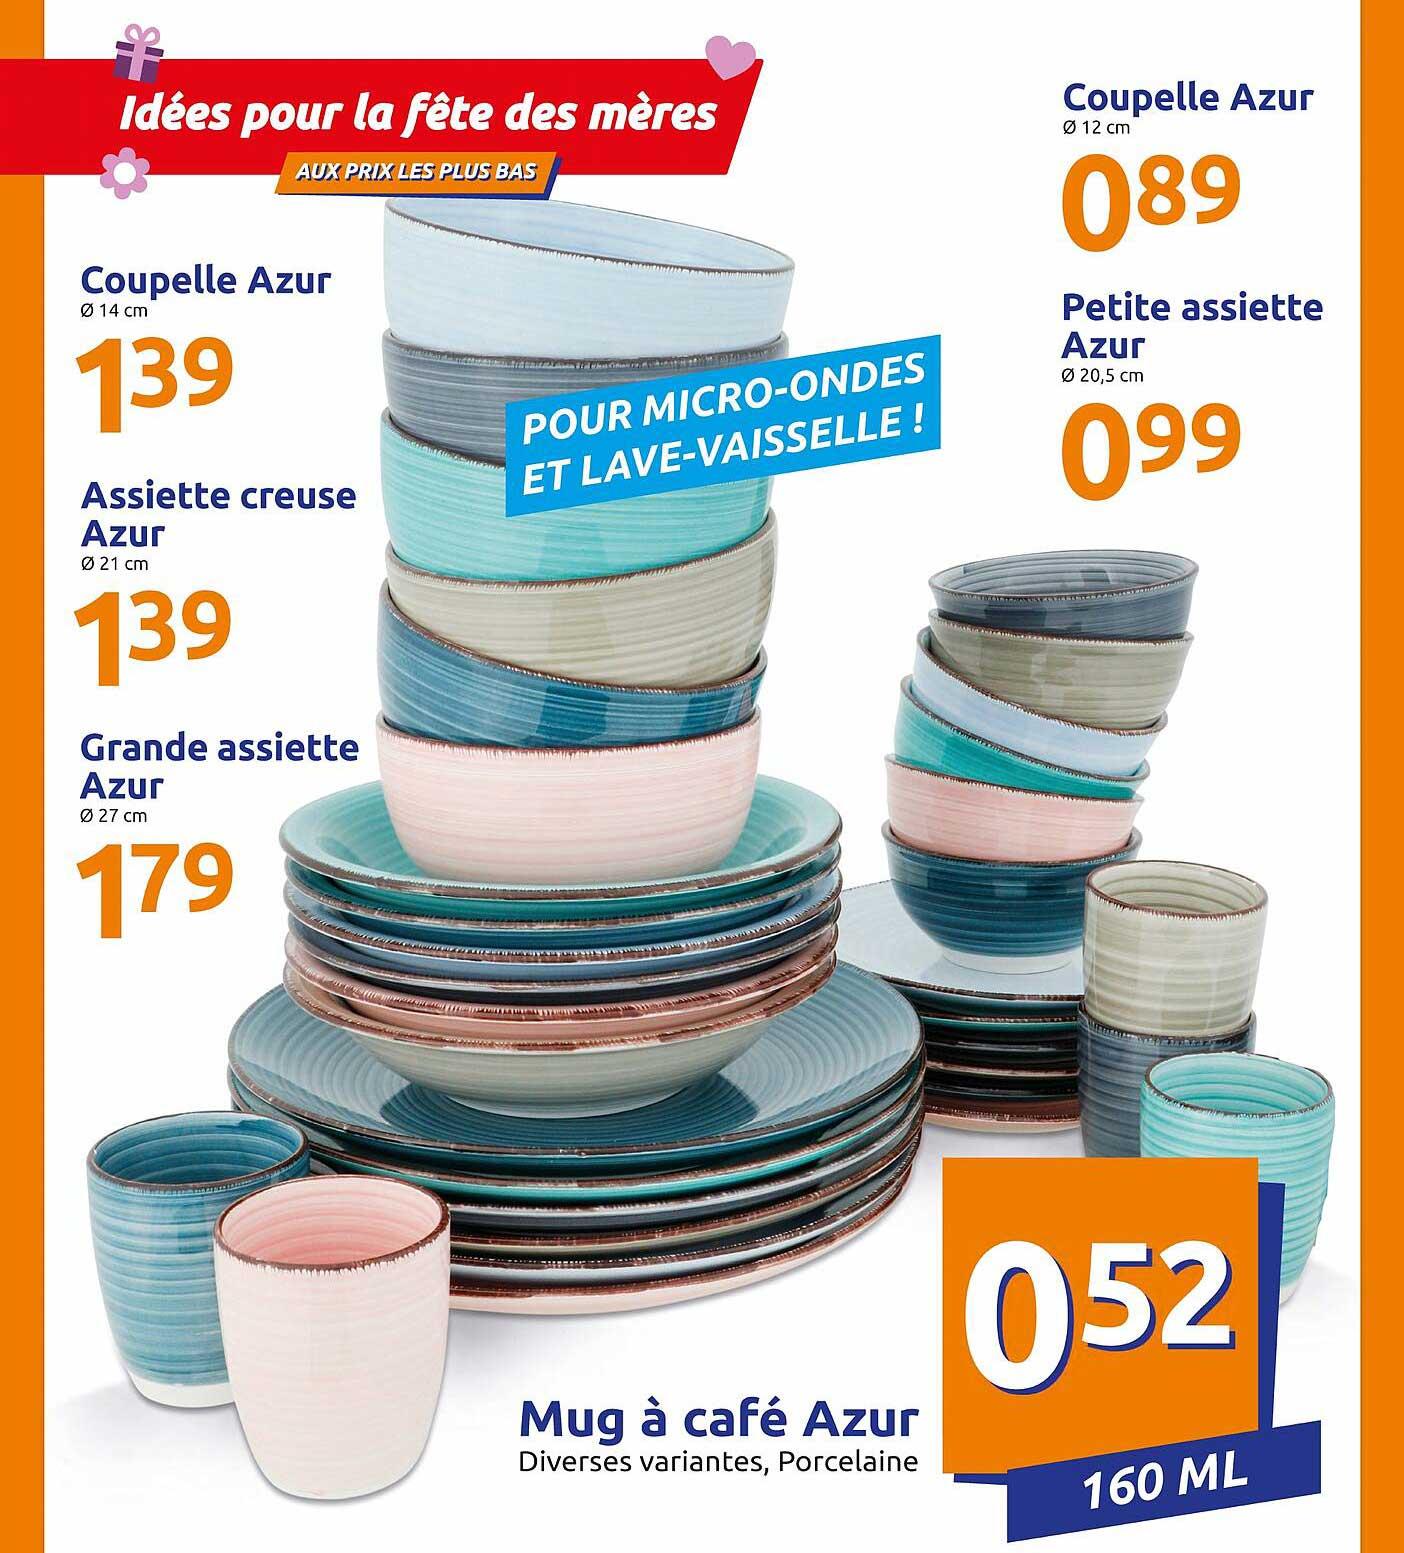 Action Coupelle Azur , Assiette Creuse Azur , Grande Assiette Azur , Coupelle Azur , Petite Assiette Azur , Mug A Cafe Azur